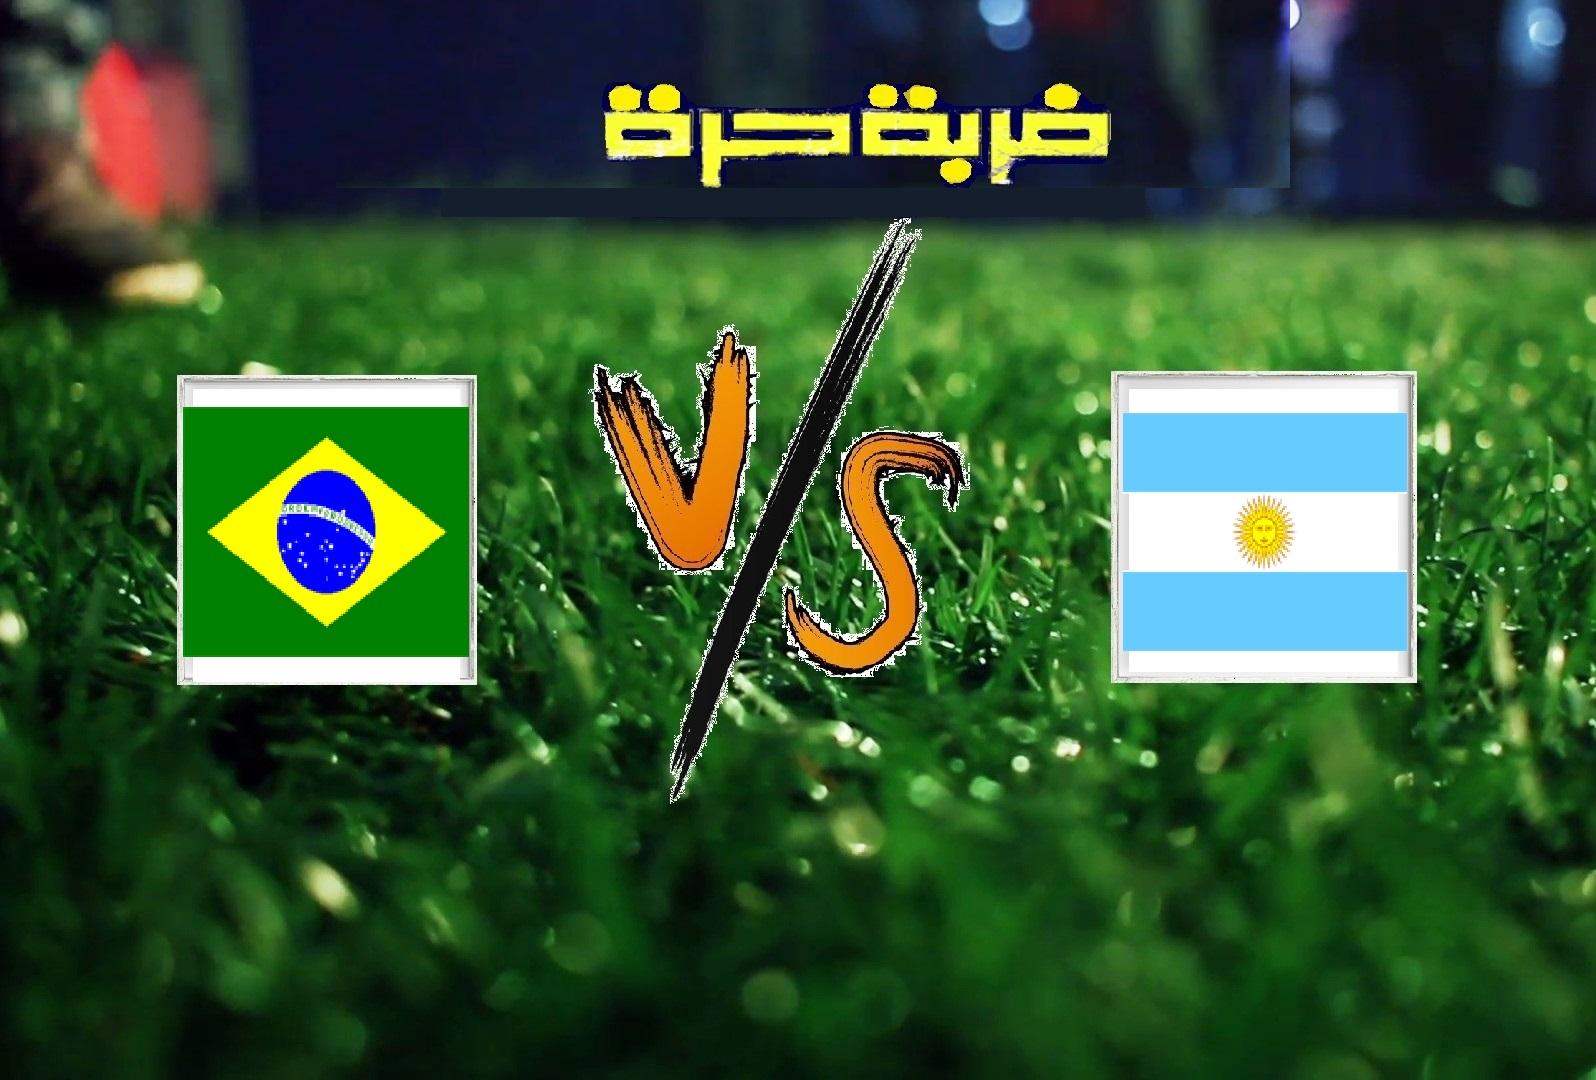 نتيجة مباراة البرازيل والارجنتين اليوم الاربعاء بتاريخ 03-07-2019 كوبا أمريكا 2019